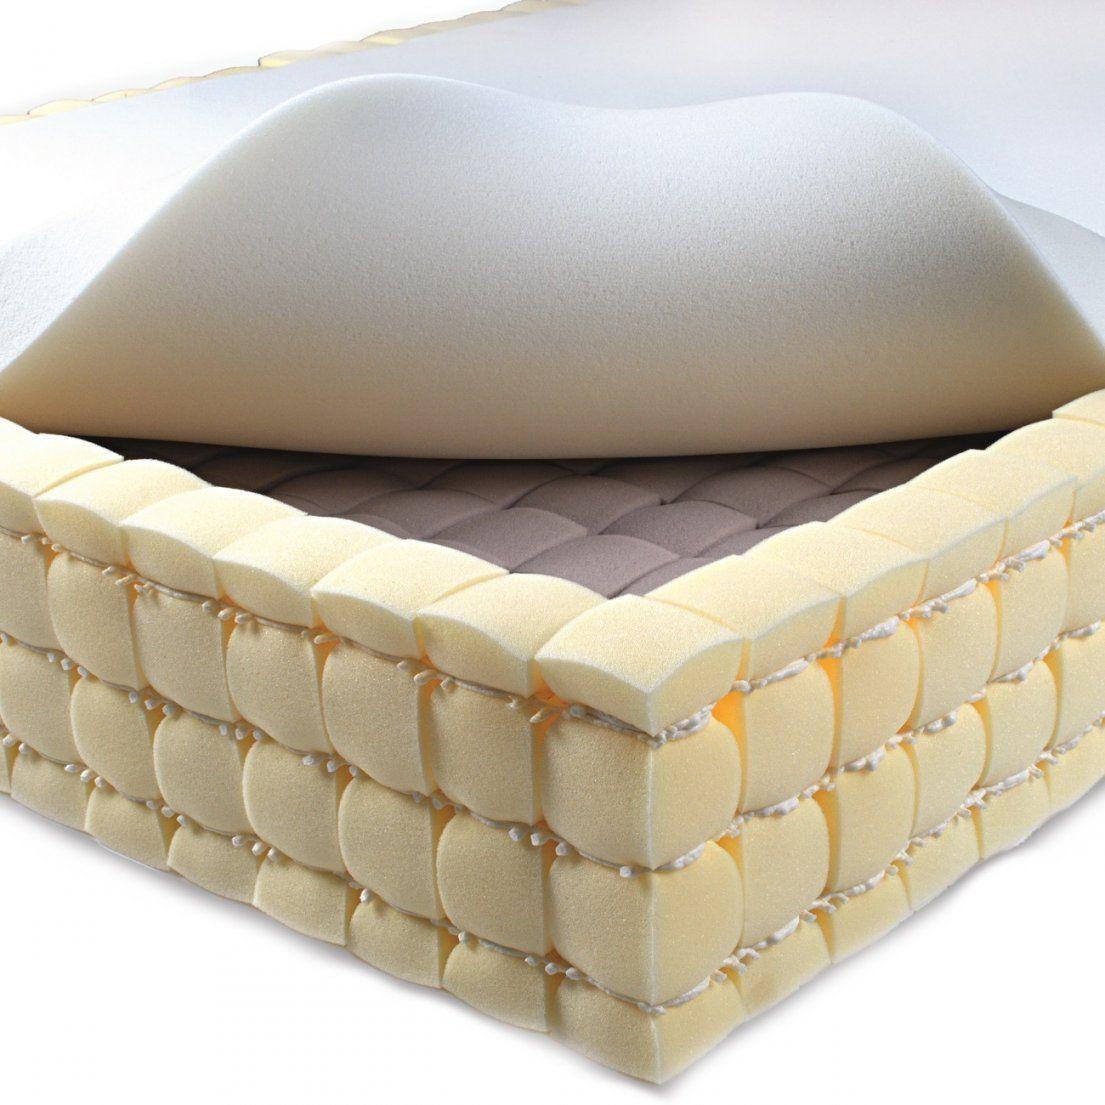 Anti Decubitus Matratzen Und Spezielle Matratzen Für Pflegebetten von Dekubitus Matratze Mit Motor Bild